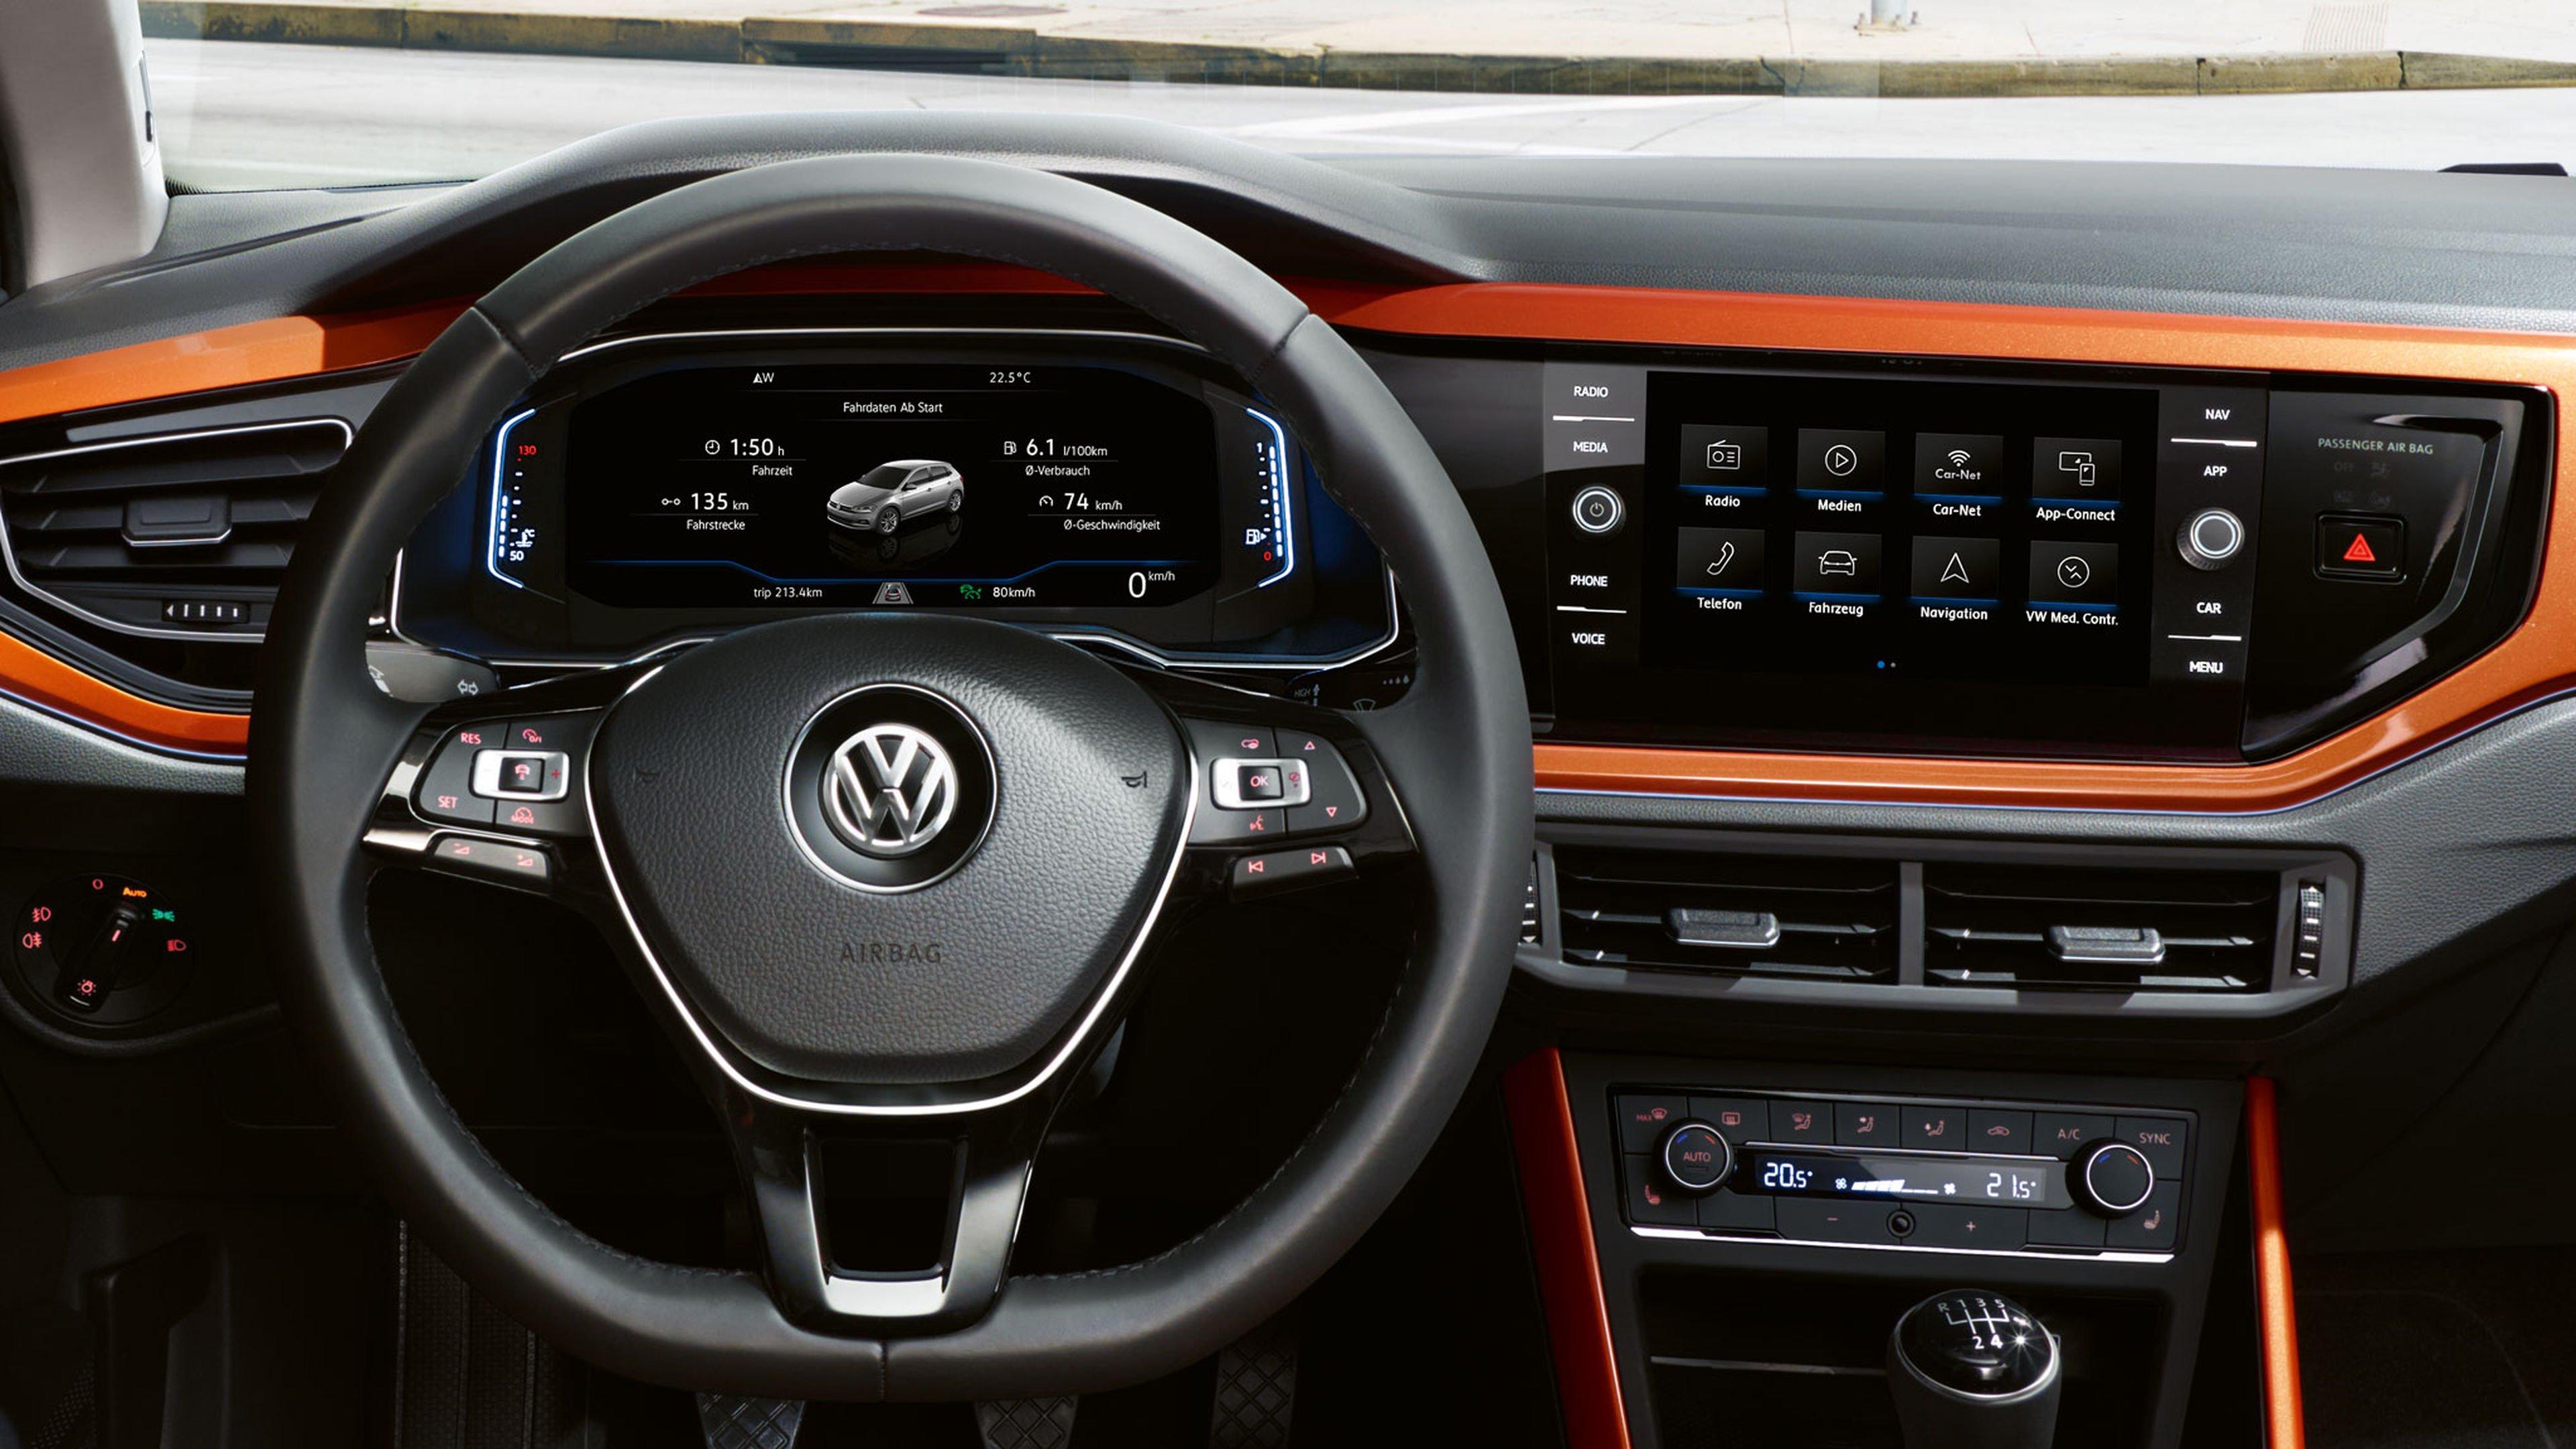 Volkswagen отзывает более 400 тысяч машин из-за проблем сремнями безопасности